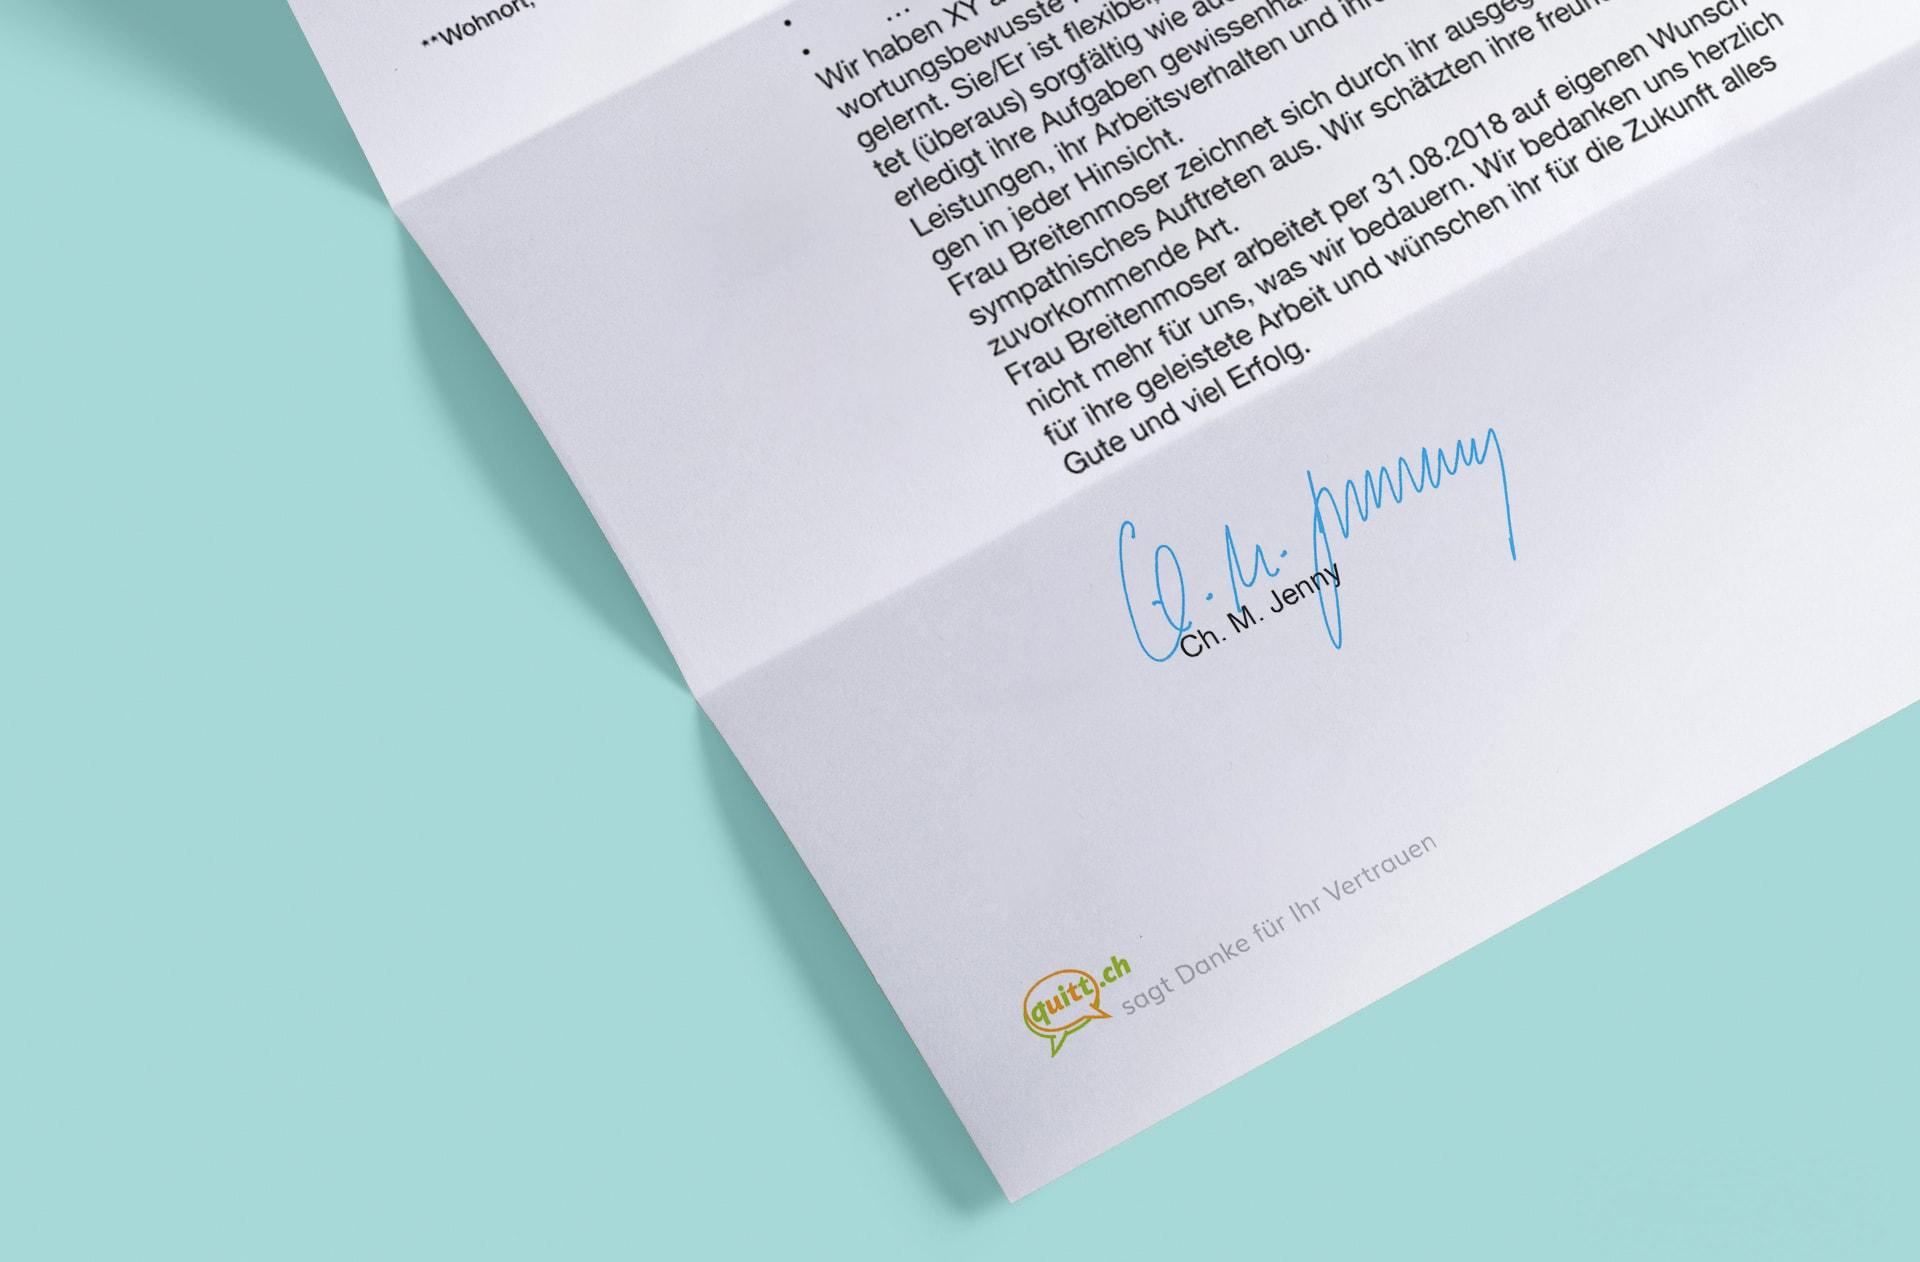 Créez Un Certificat De Travail Pour Votre Employé-e De Maison En Quelques Minutes